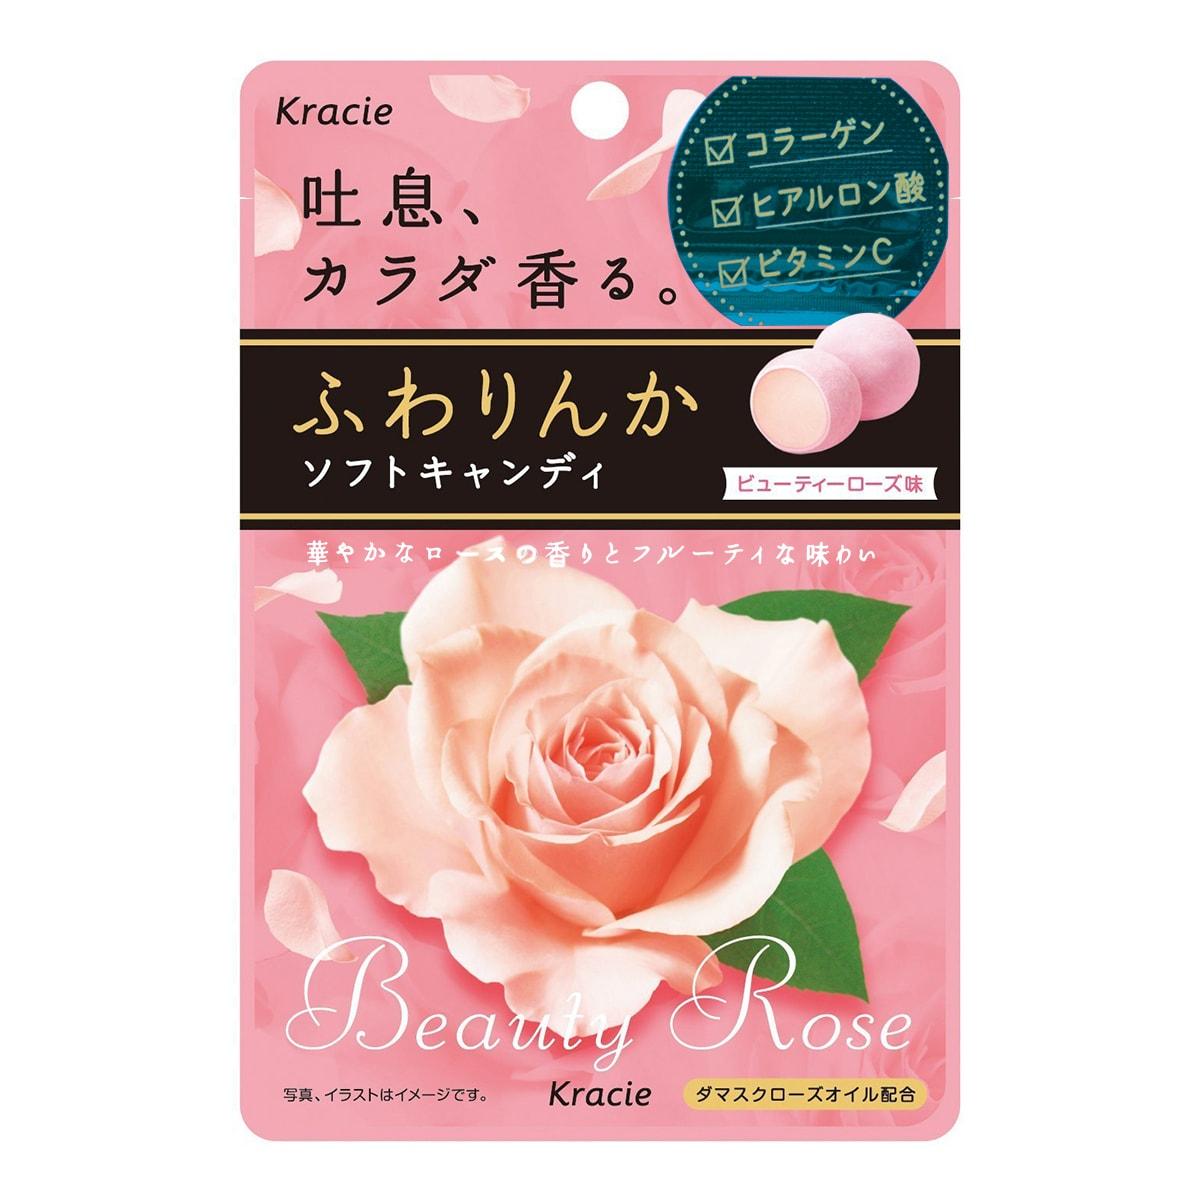 日本KRACIE嘉娜宝 玫瑰香体系列 软糖果吐息芬芳 32g